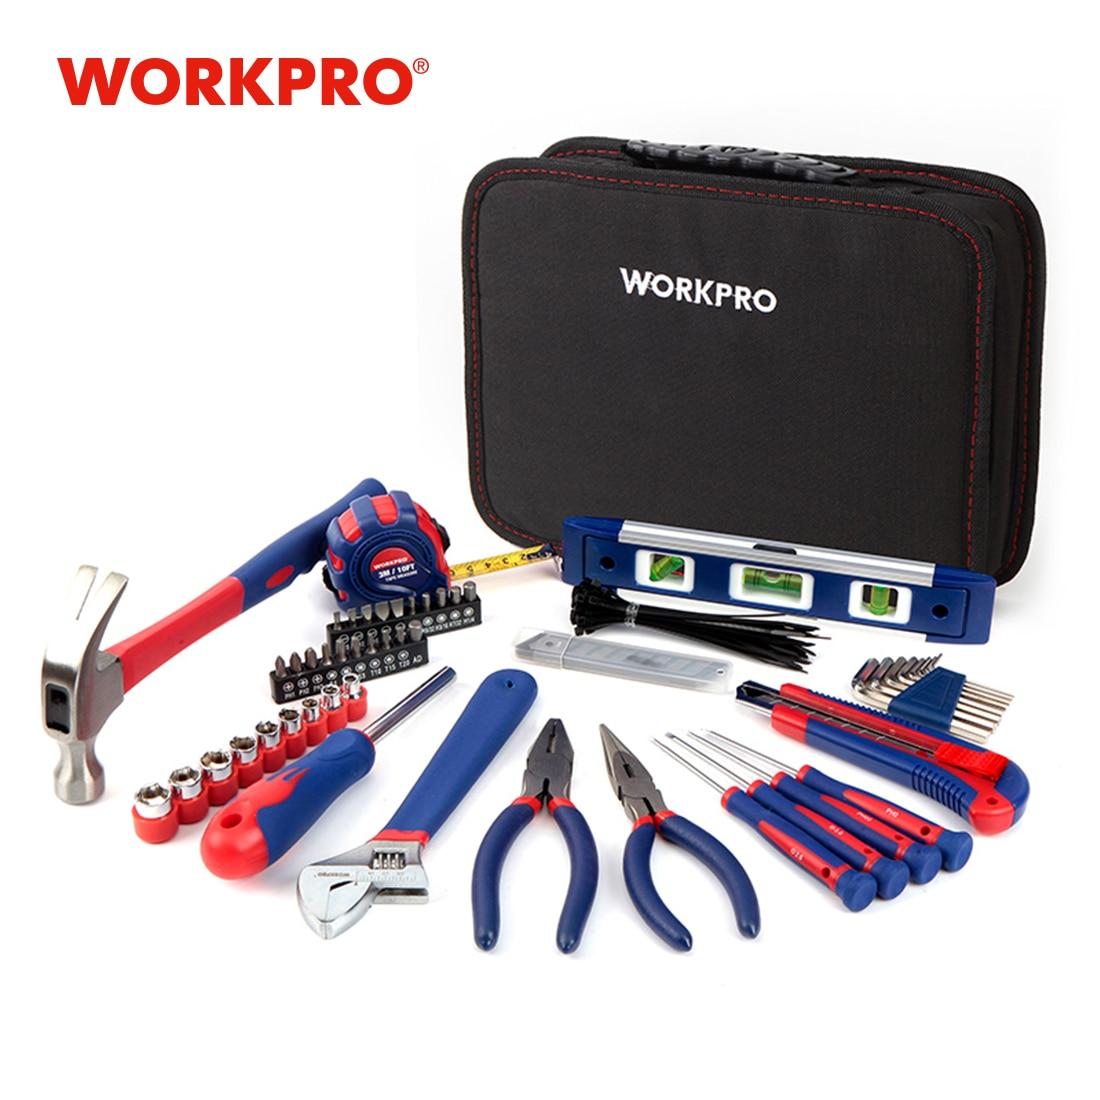 طقم أدوات منزلية من WORKPRO مكون من 100 قطعة طقم أدوات ميكانيكي للمطبخ مزود بكماشة ومفكات ومفاتيح ومفكات ومشادات سكين للمطرقة